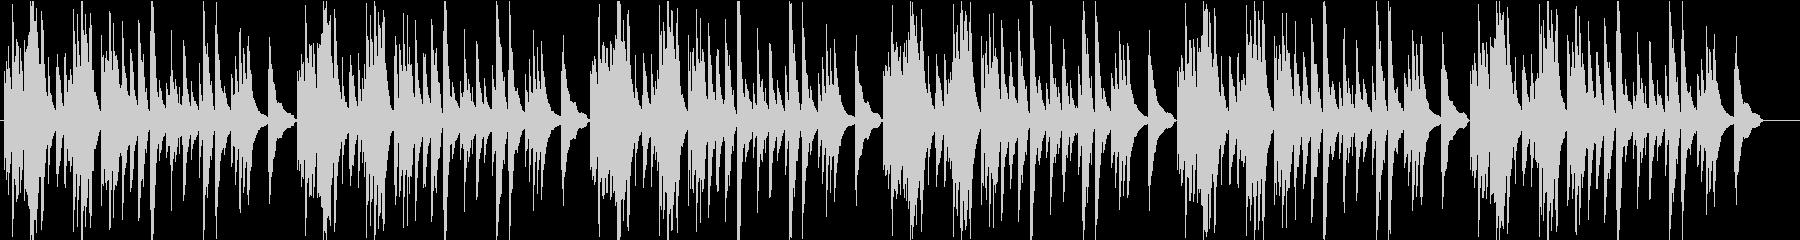 アコギで一本で静かにの未再生の波形